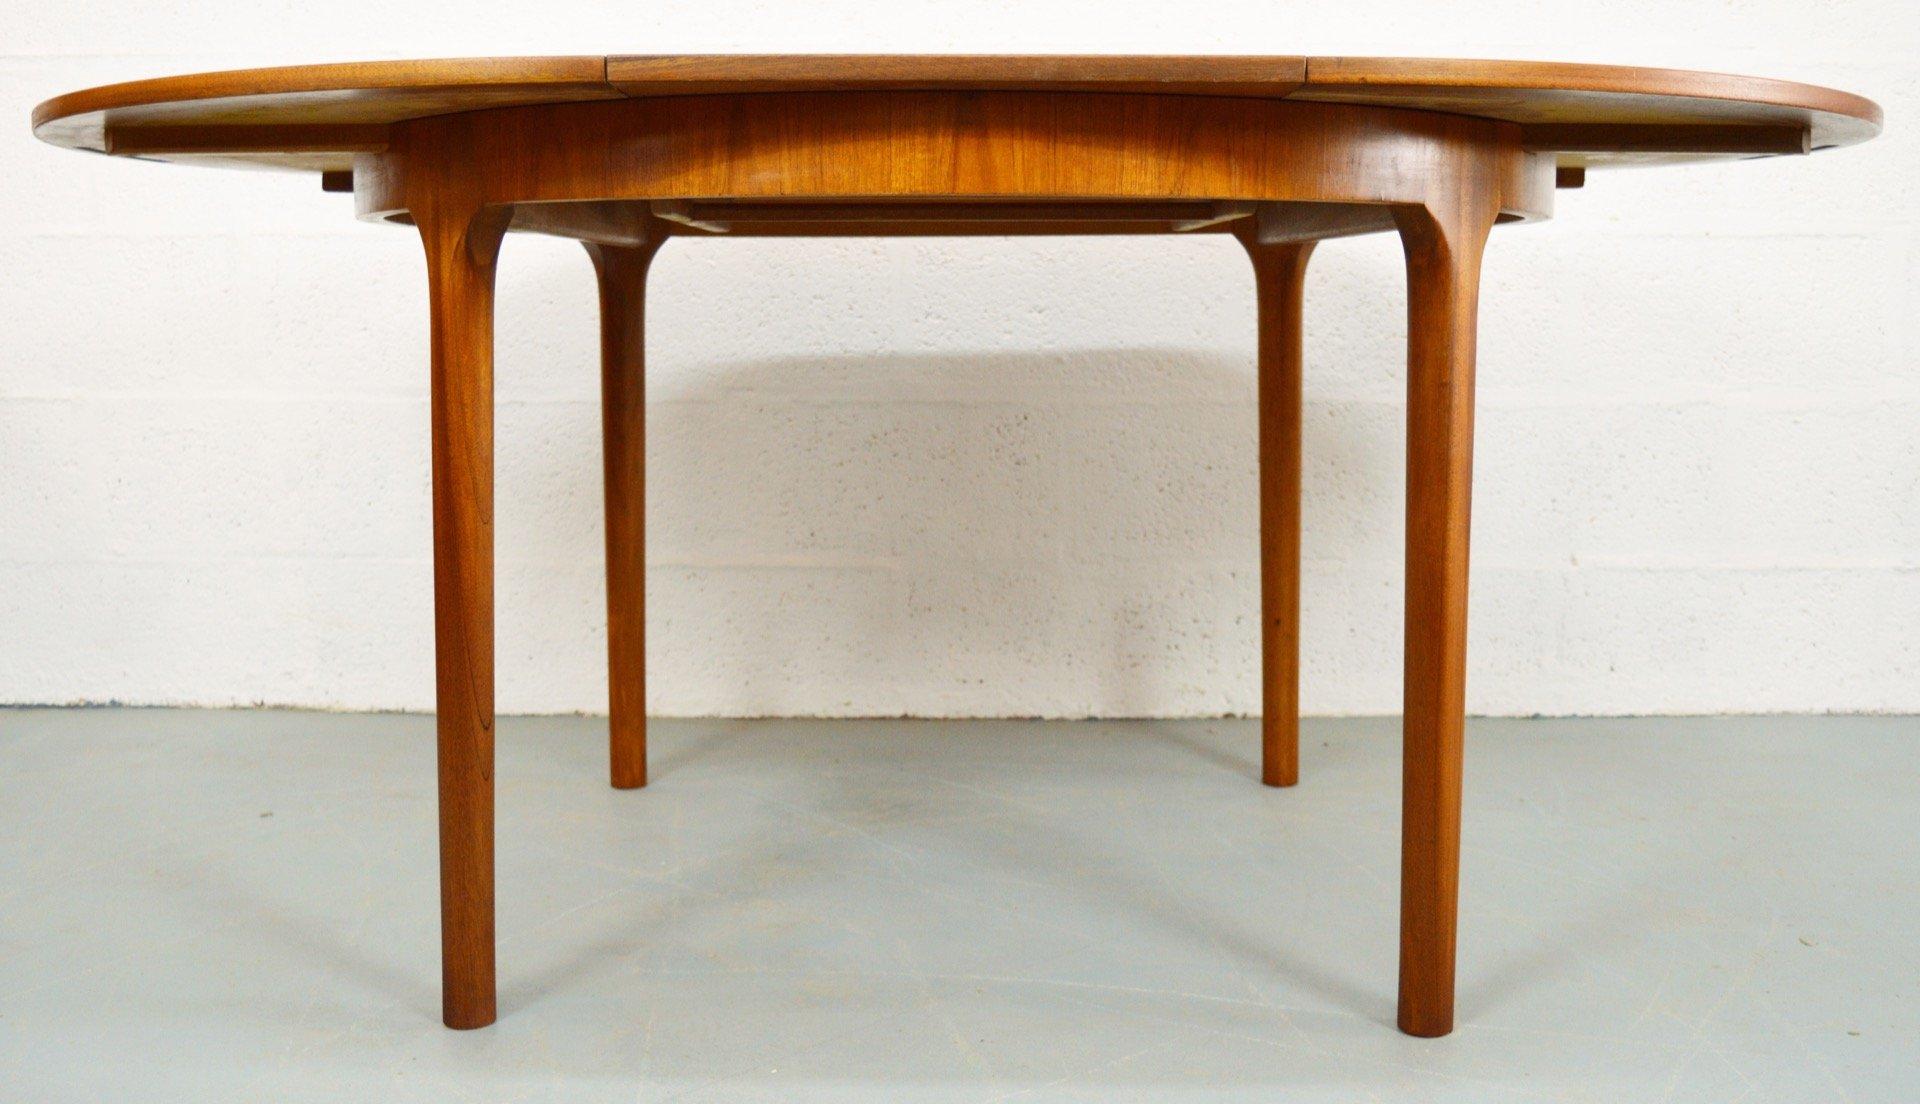 ausziehbarer runder mid century teak esstisch von mcintosh bei pamono kaufen. Black Bedroom Furniture Sets. Home Design Ideas